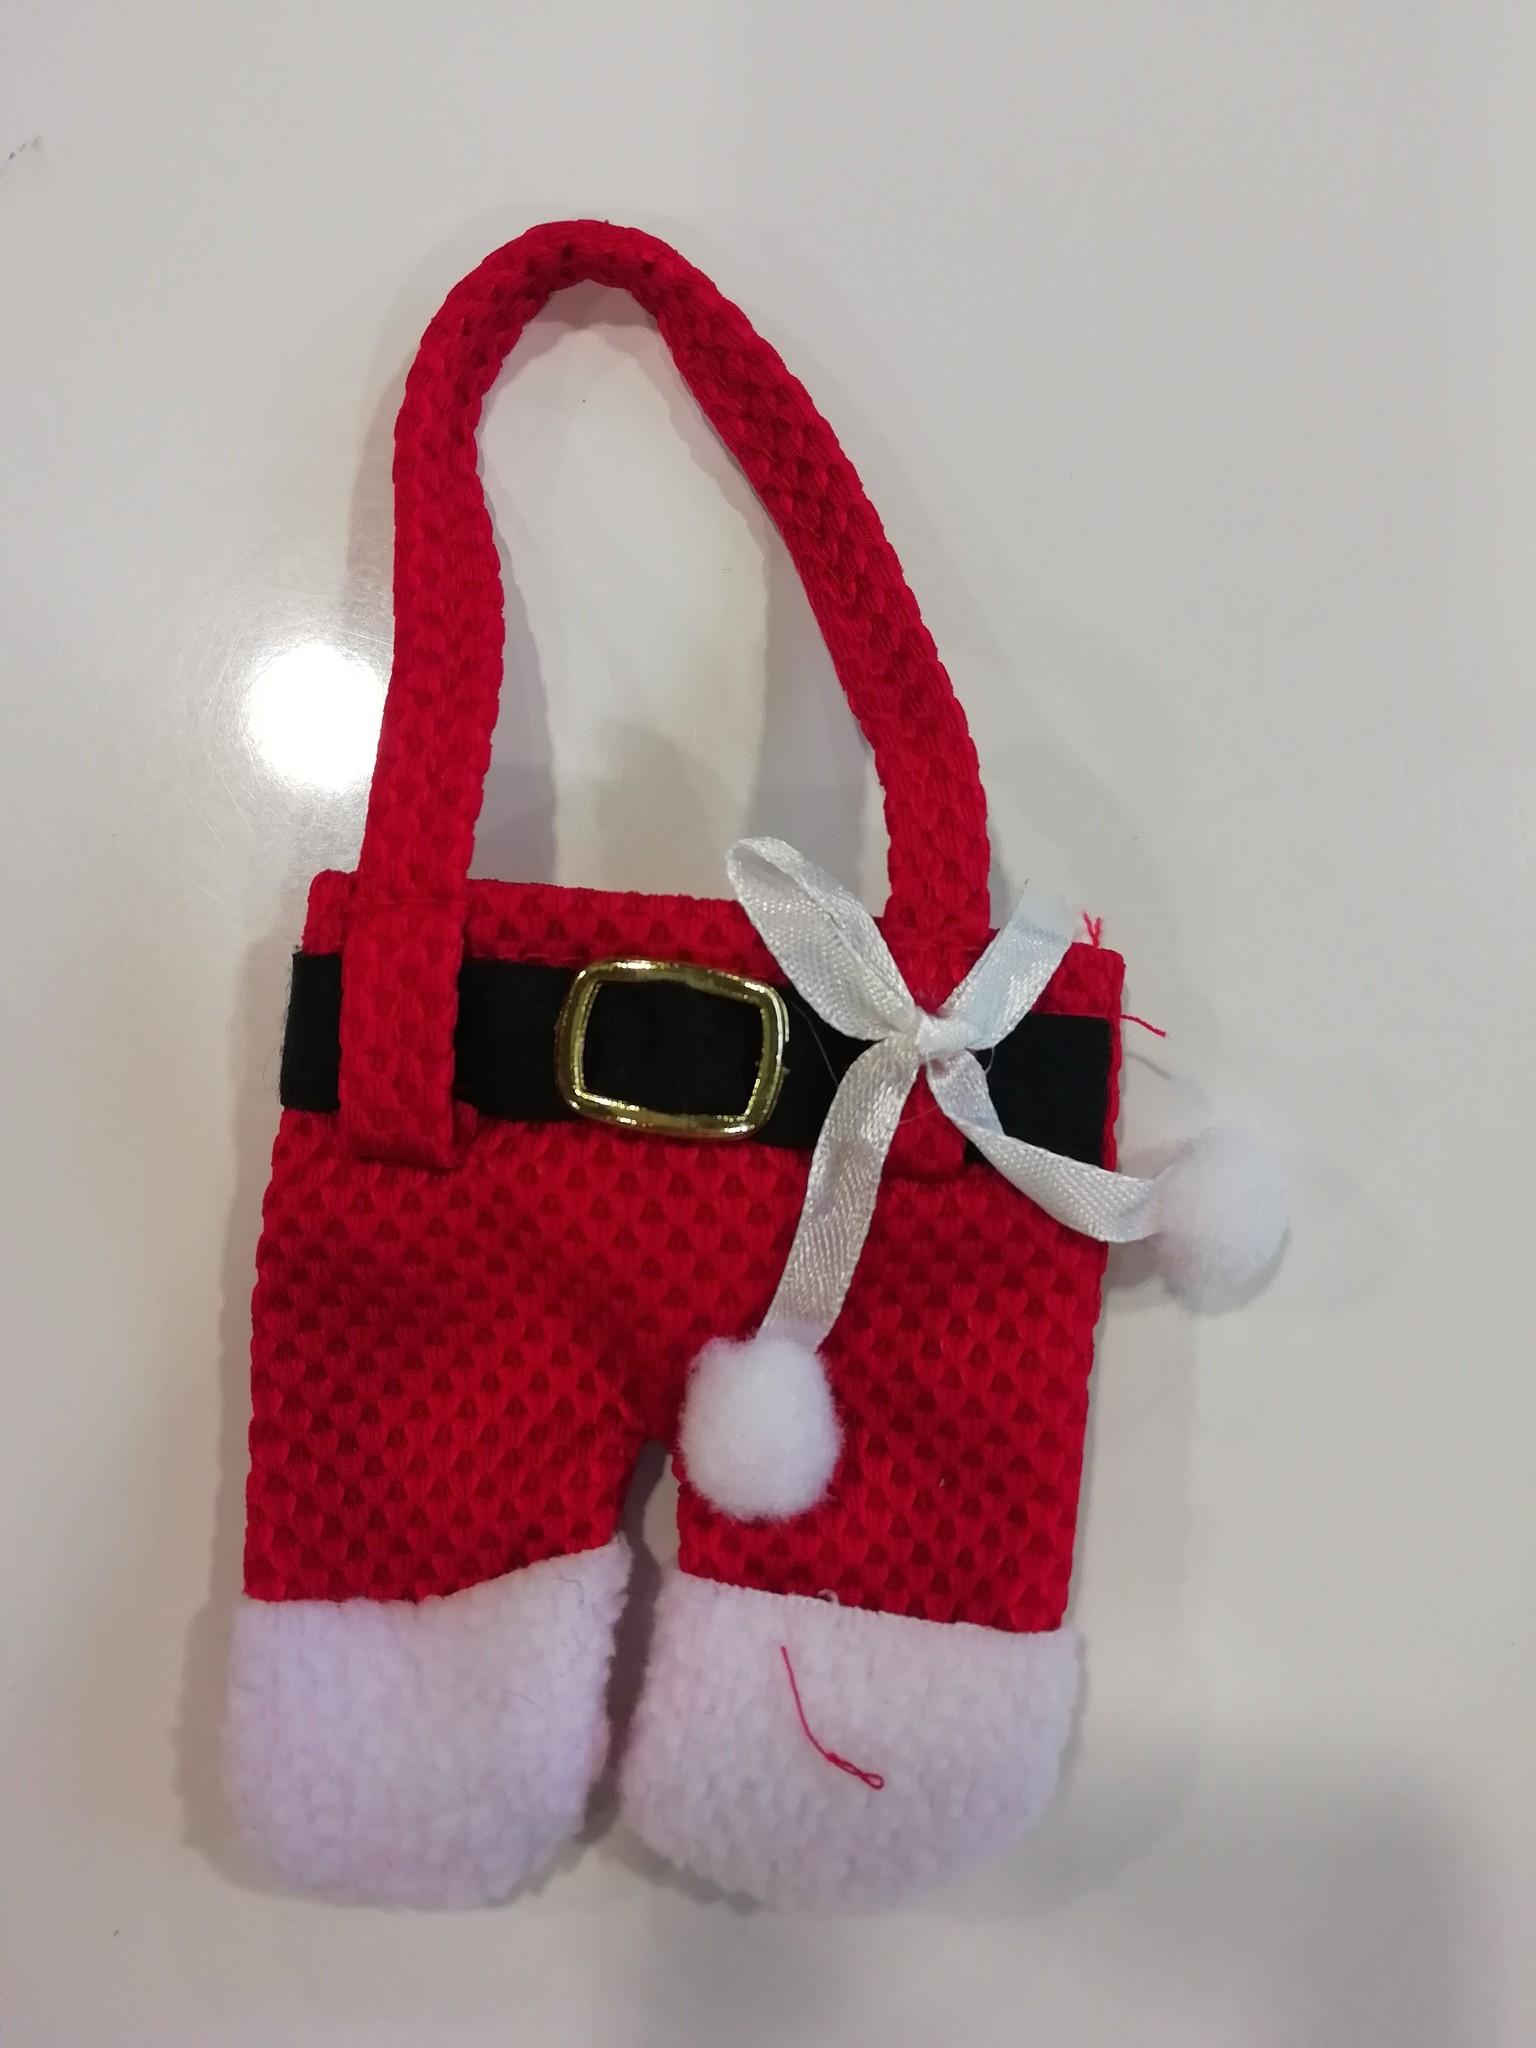 Kerst ornament kleding